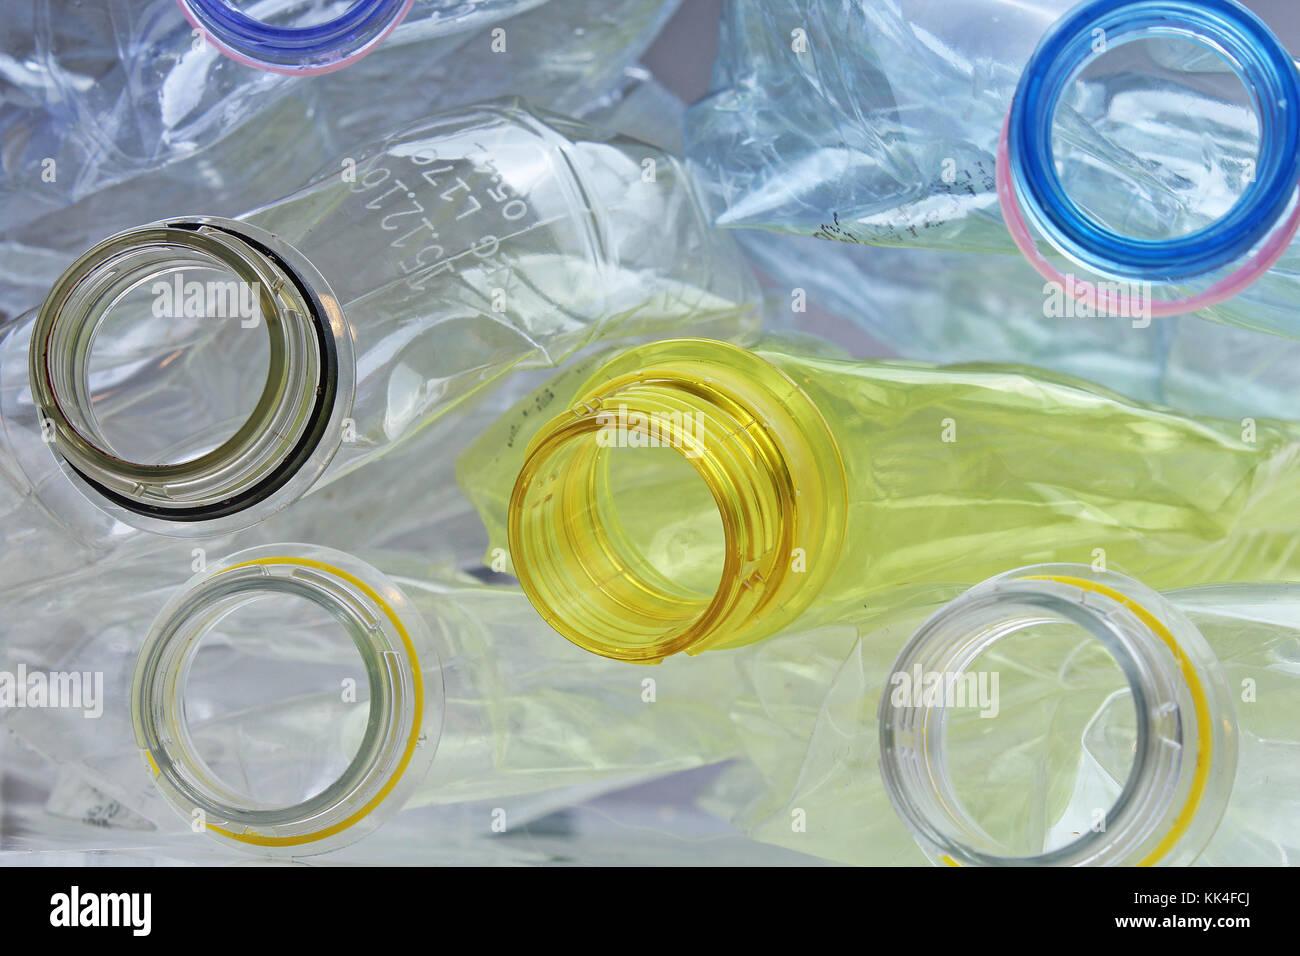 Bottiglie in polietilentereftalato PET pete talvolta può essere riciclato per riutilizzare il materiale di Immagini Stock